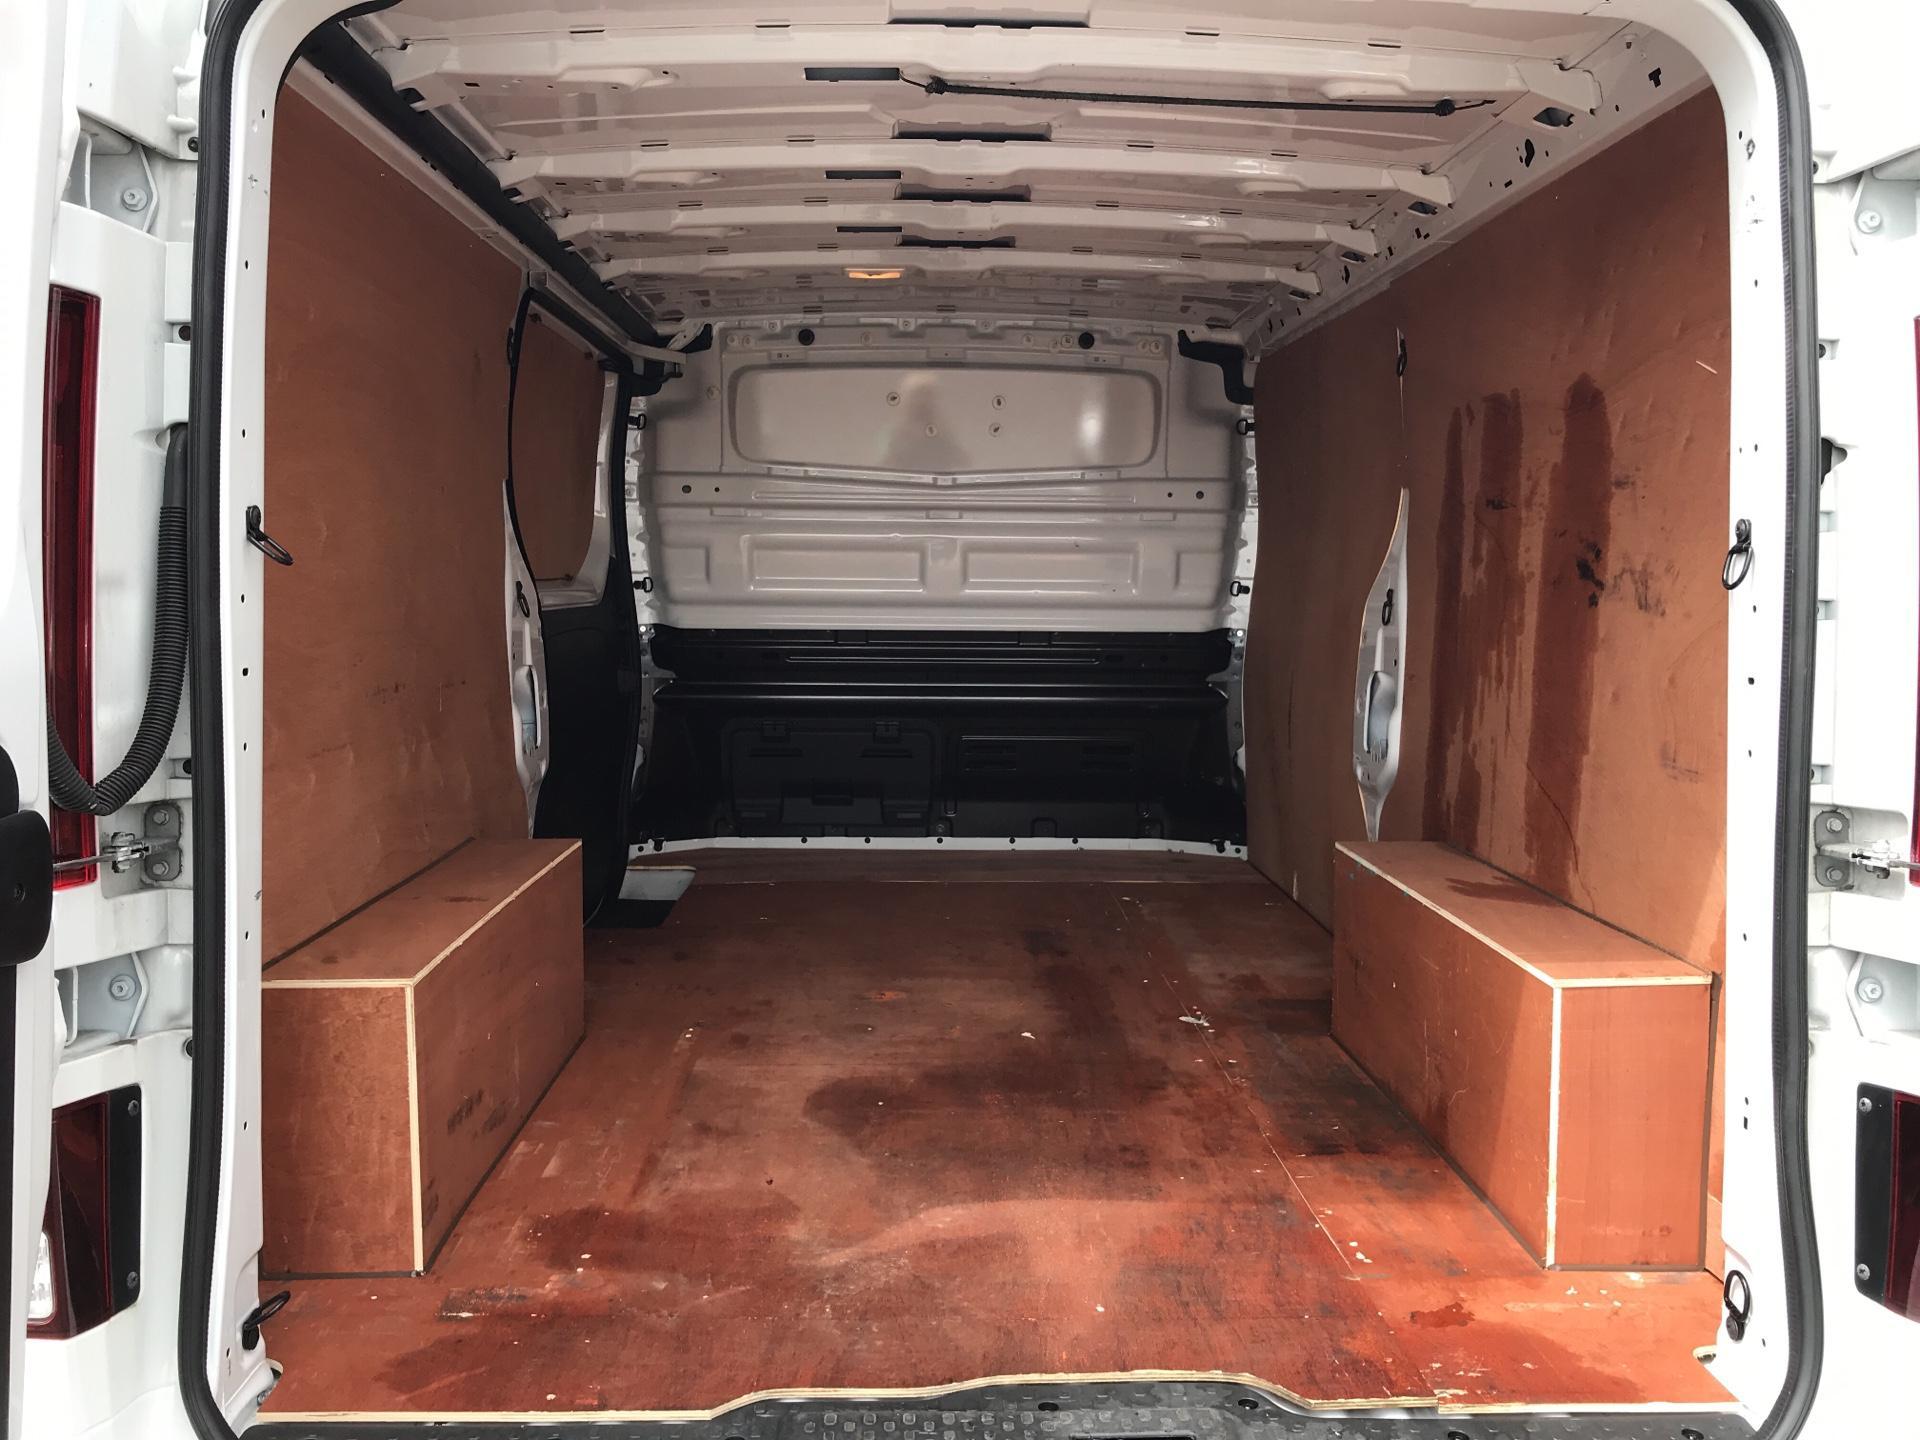 2017 Vauxhall Vivaro L2 H1 2900 1.6 115PS SPORTIVE BITURBO  EURO 5 (YS17GKK) Image 15